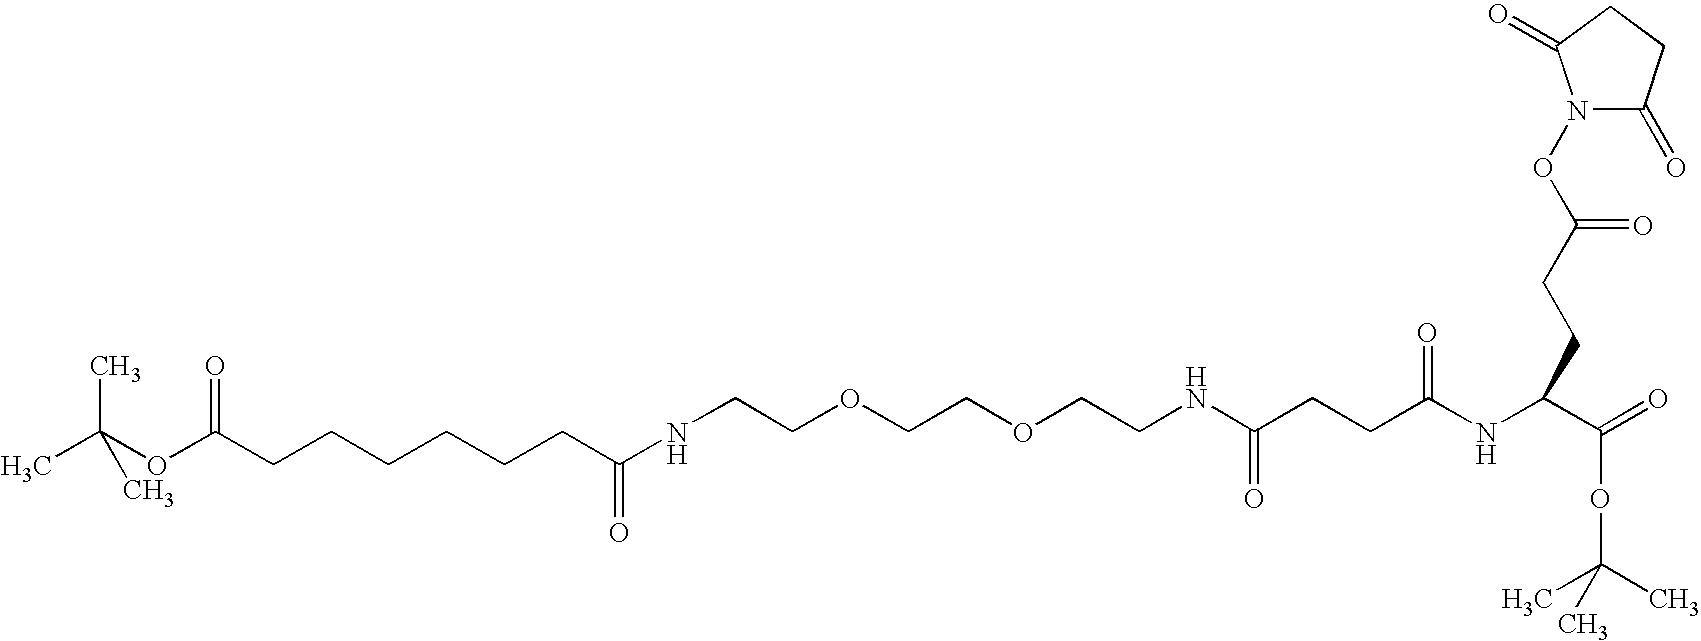 Figure US20100227796A1-20100909-C00053